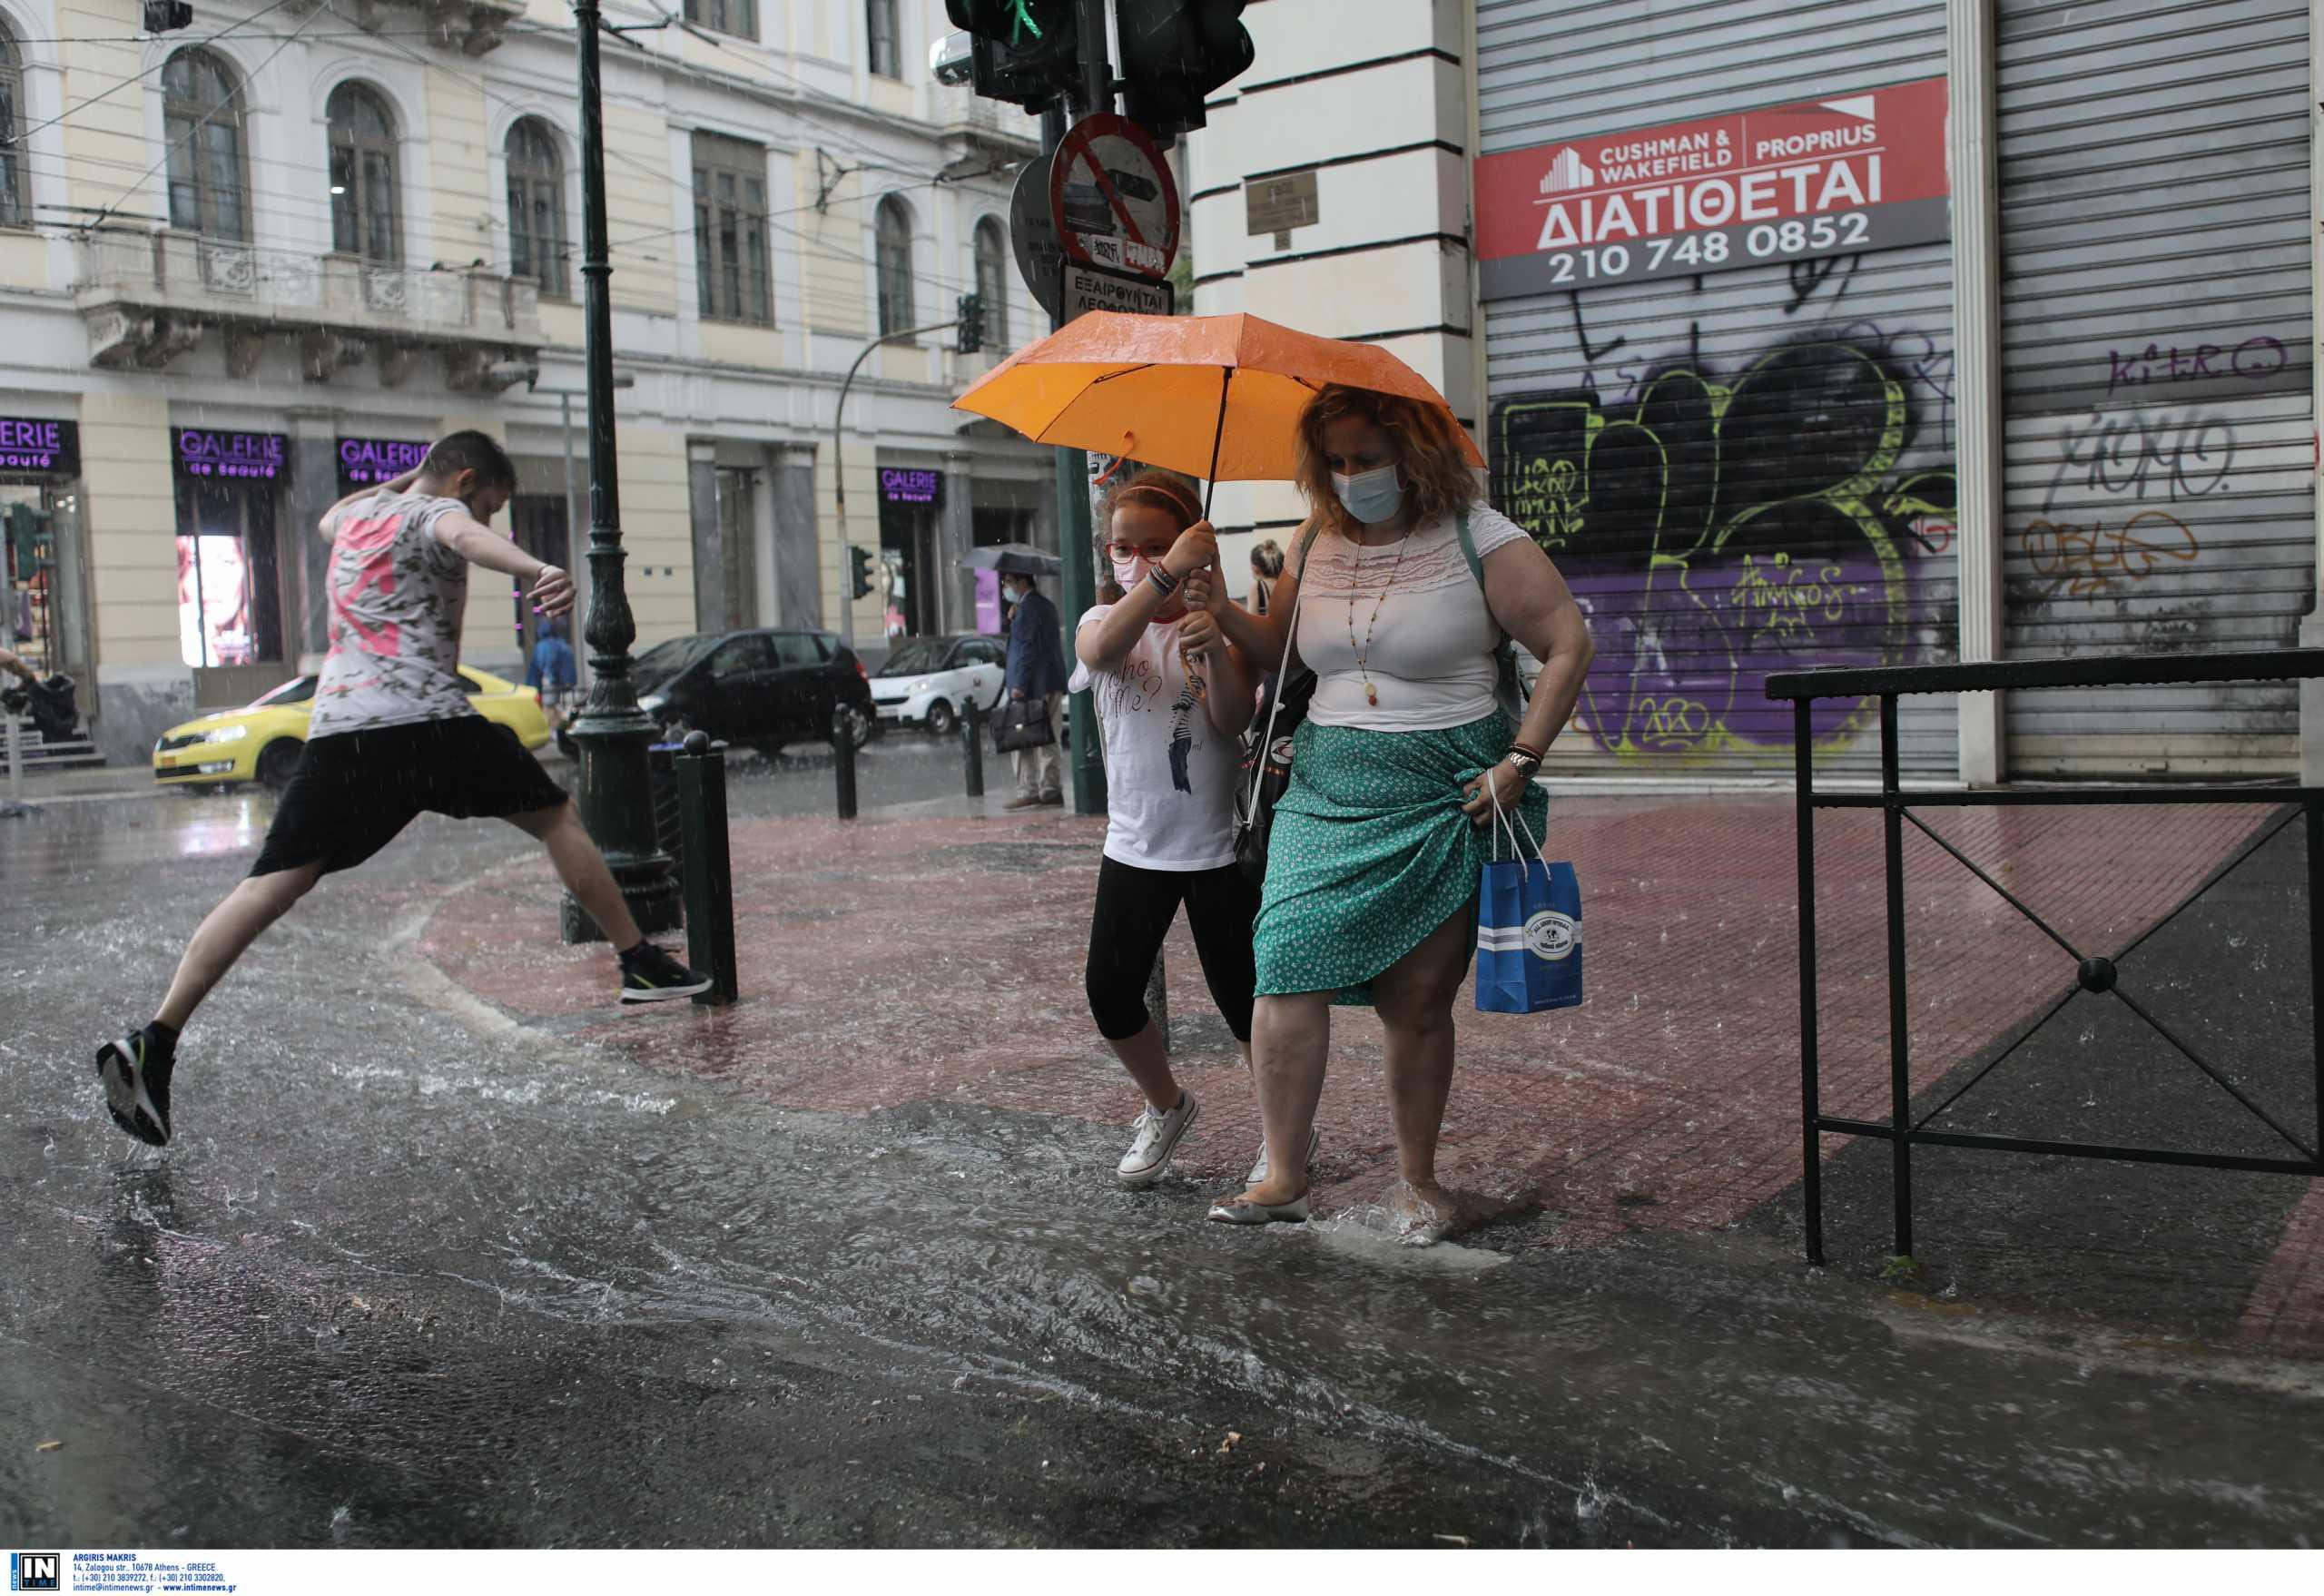 Καιρός – meteo: Χαμηλές θερμοκρασίες και καταιγίδες τις επόμενες μέρες